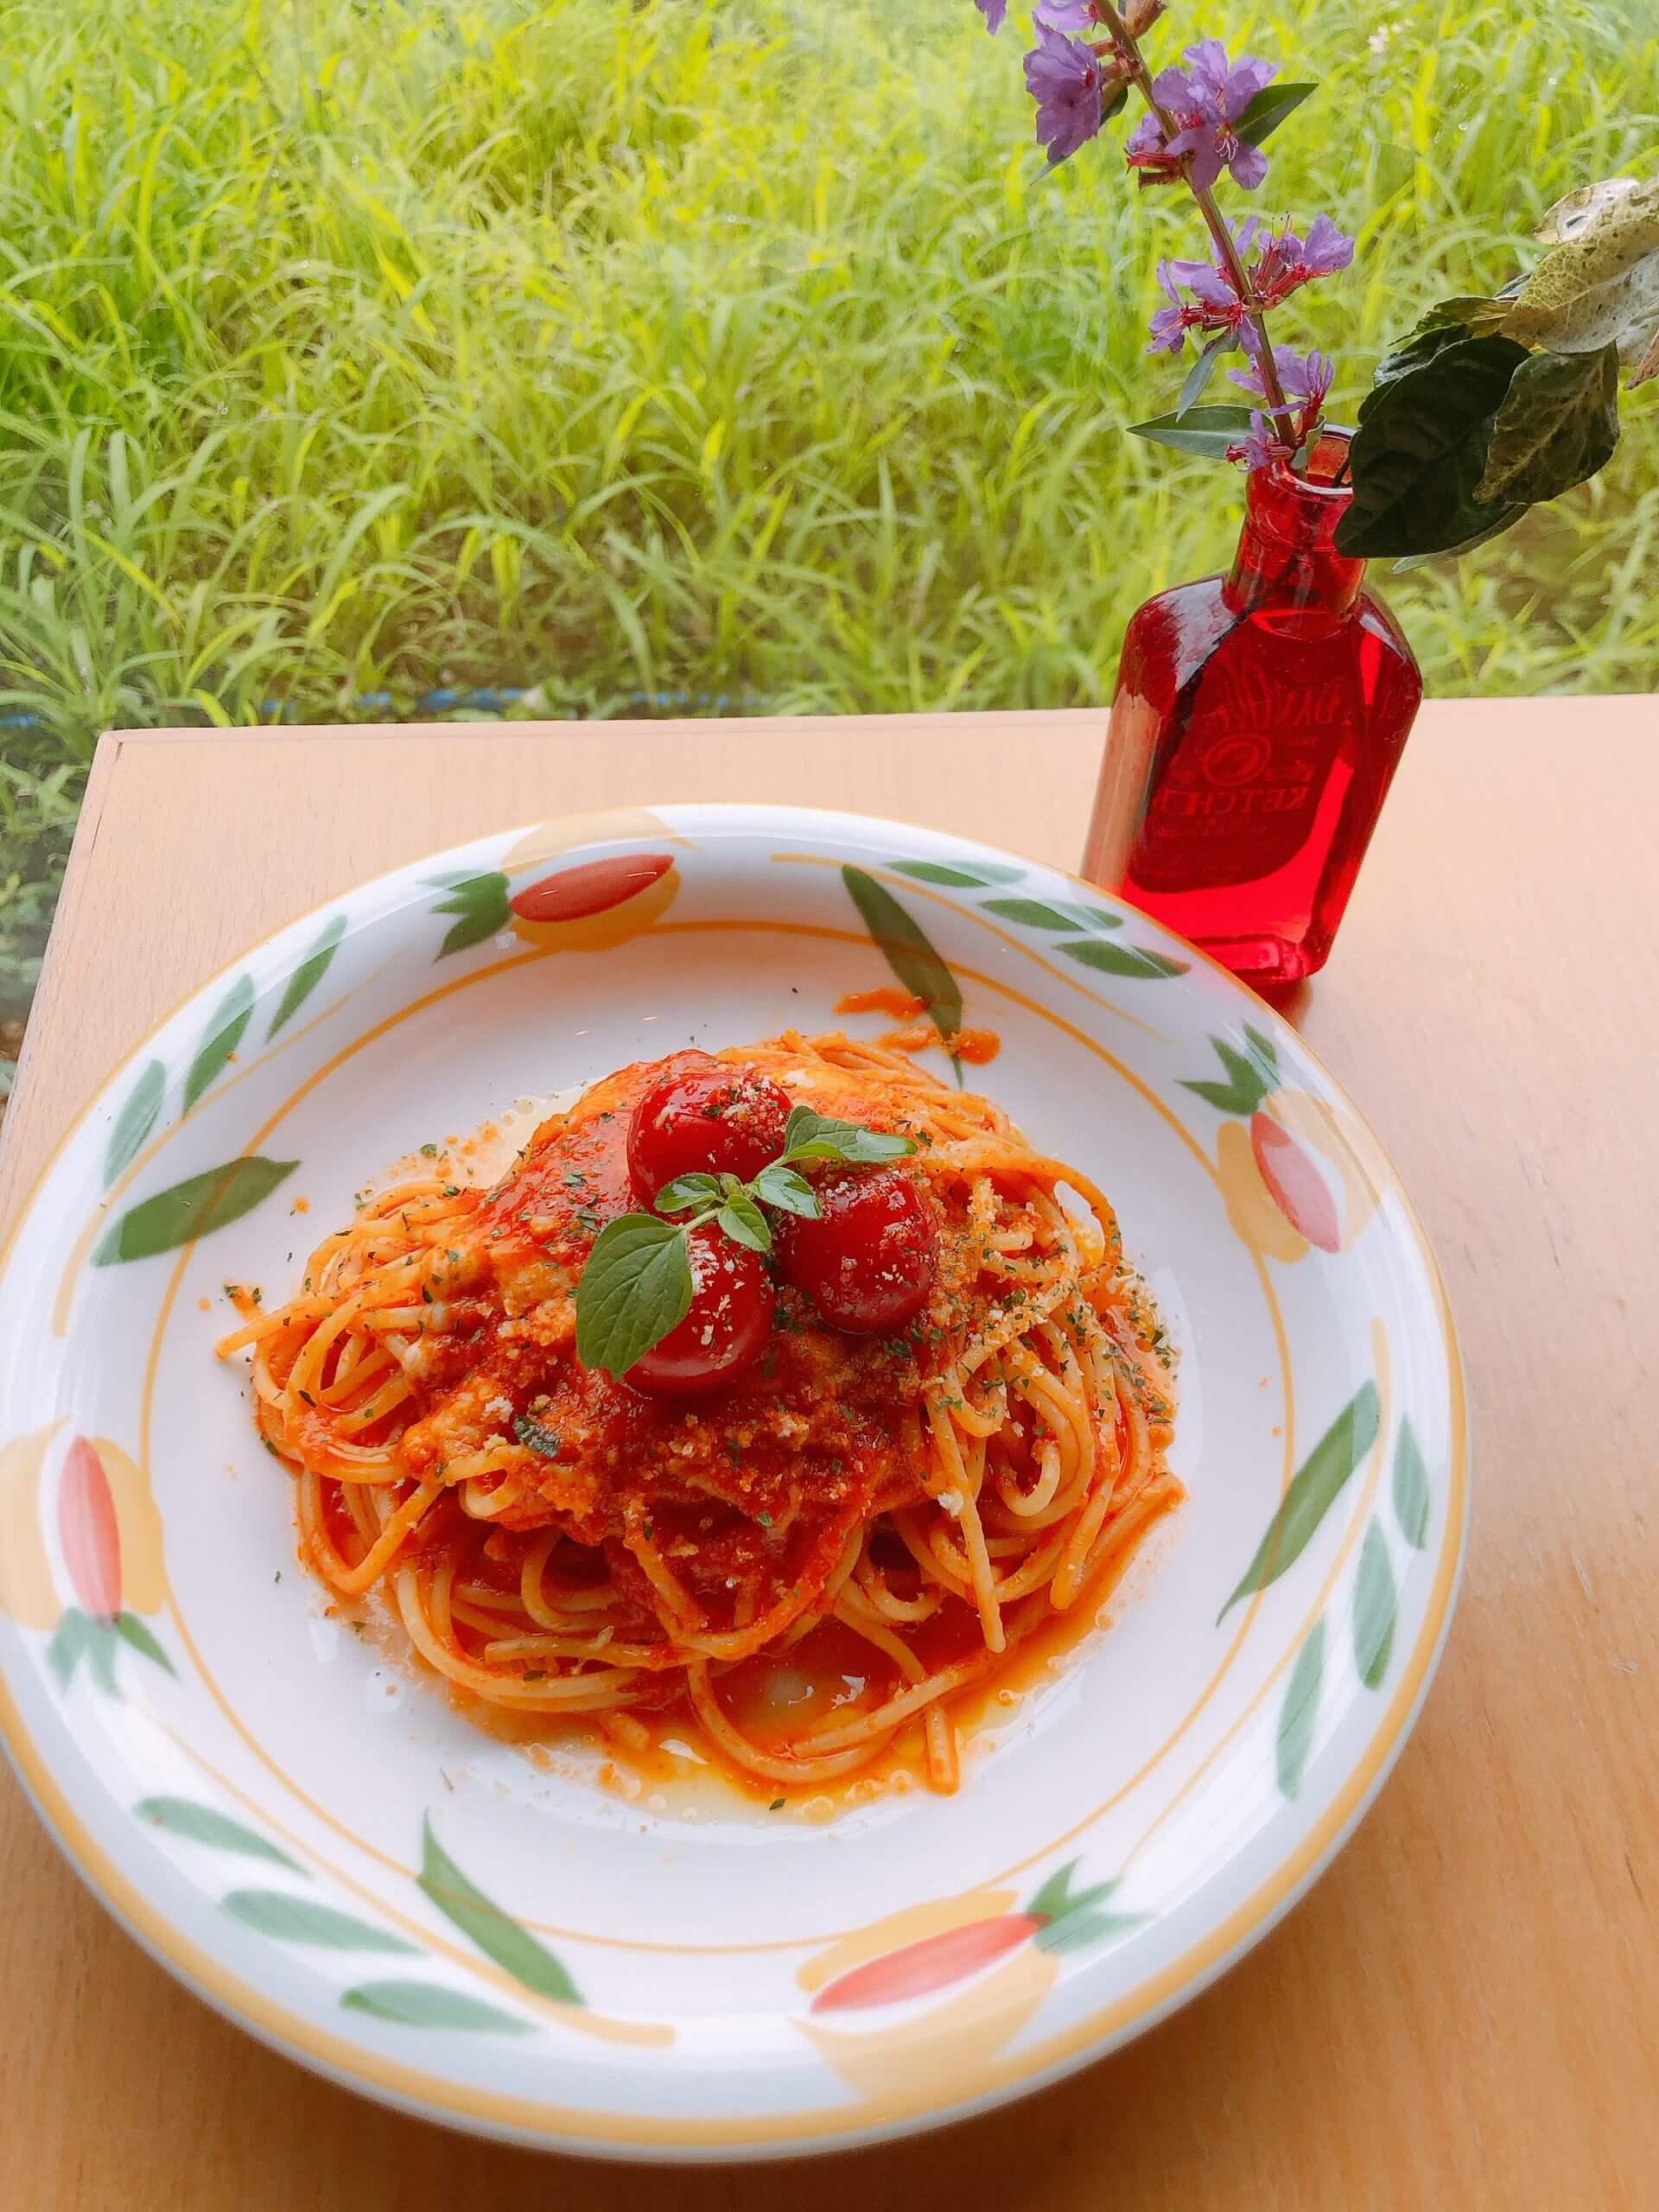 【花の果樹園】パスタ・ピッツァ・リゾットなどからメイン料理が選べて副菜、フルーツ、飲み物までついたビュッフェレストラン♪《合志市野々島》